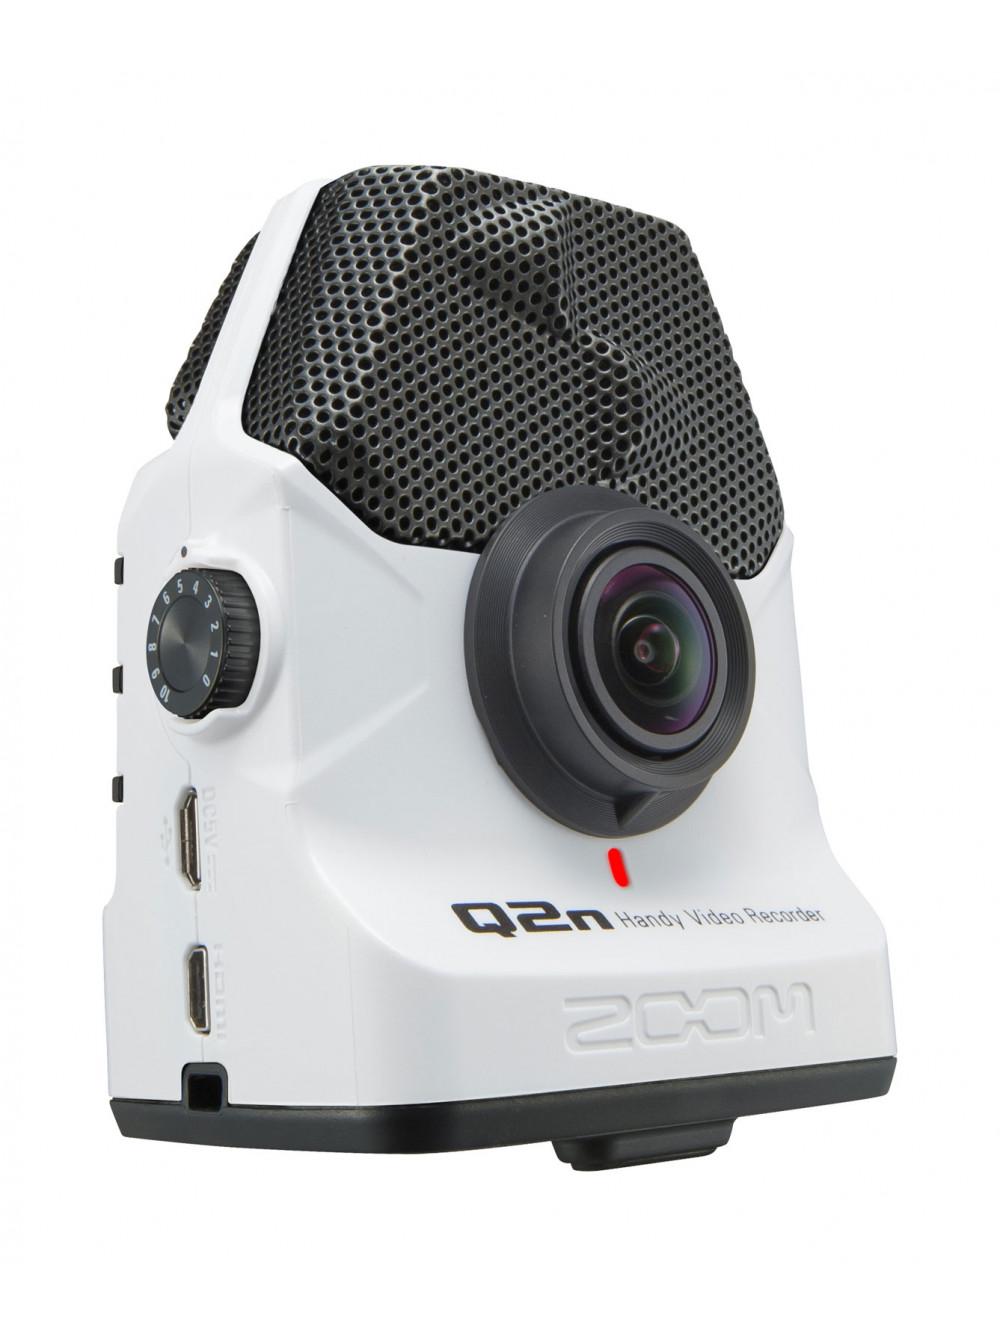 Видео рекордер Zoom Q2n white